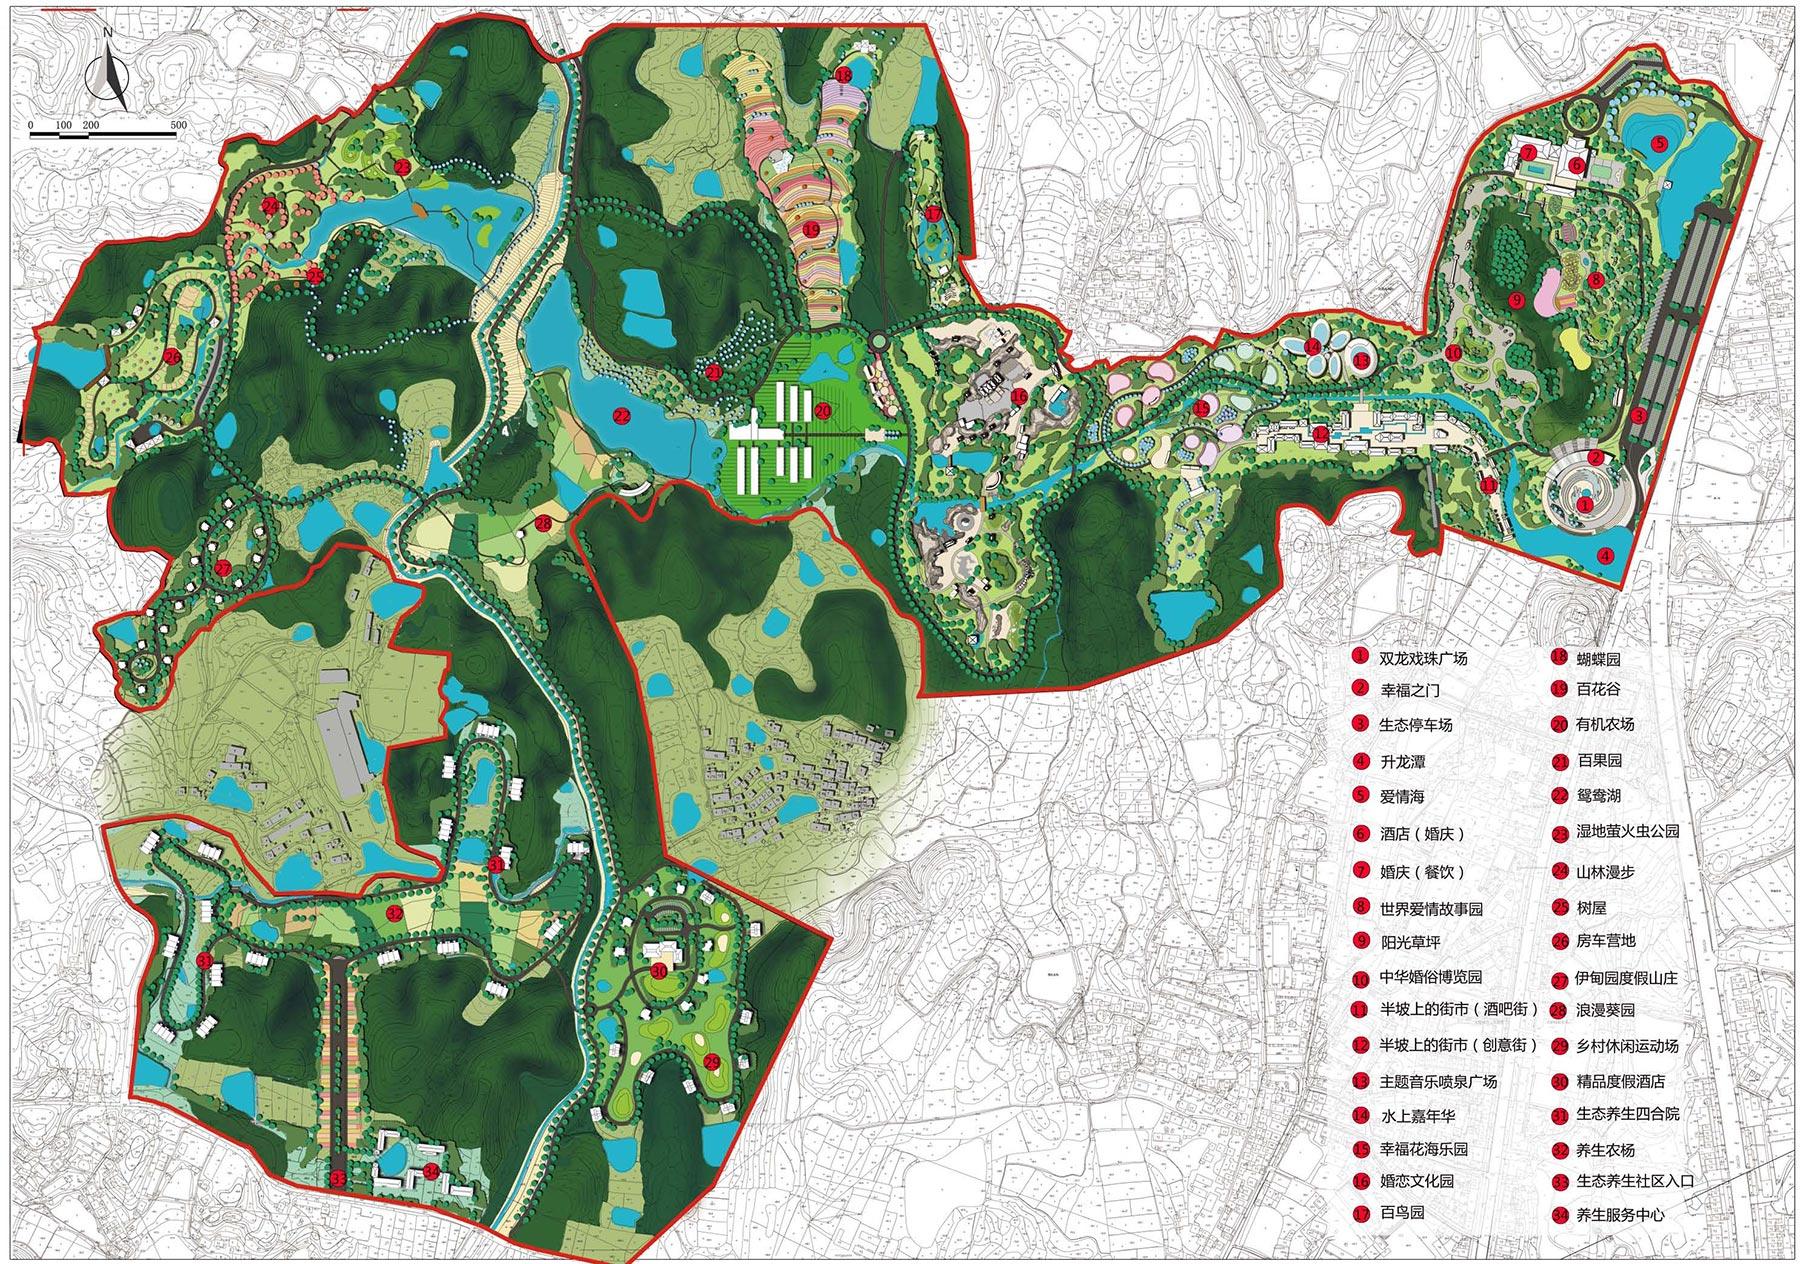 龙之昇·长河生态旅游度假区总体规划及修建性详细规划2014011.jpg